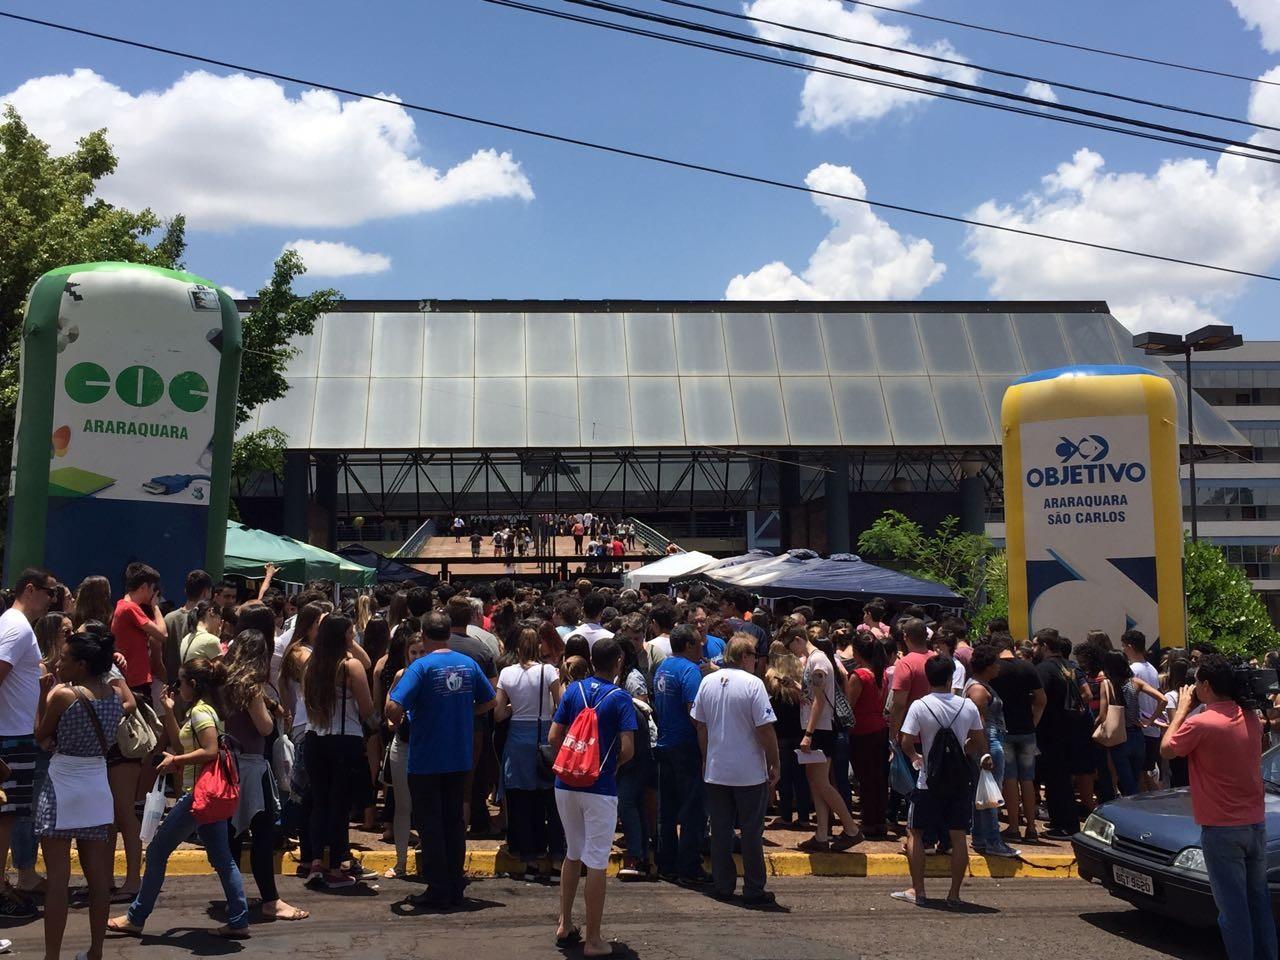 Estudantes de Araraquara reclamam da mudança da prova da Unesp para Ribeirão Preto devido à Covid-19